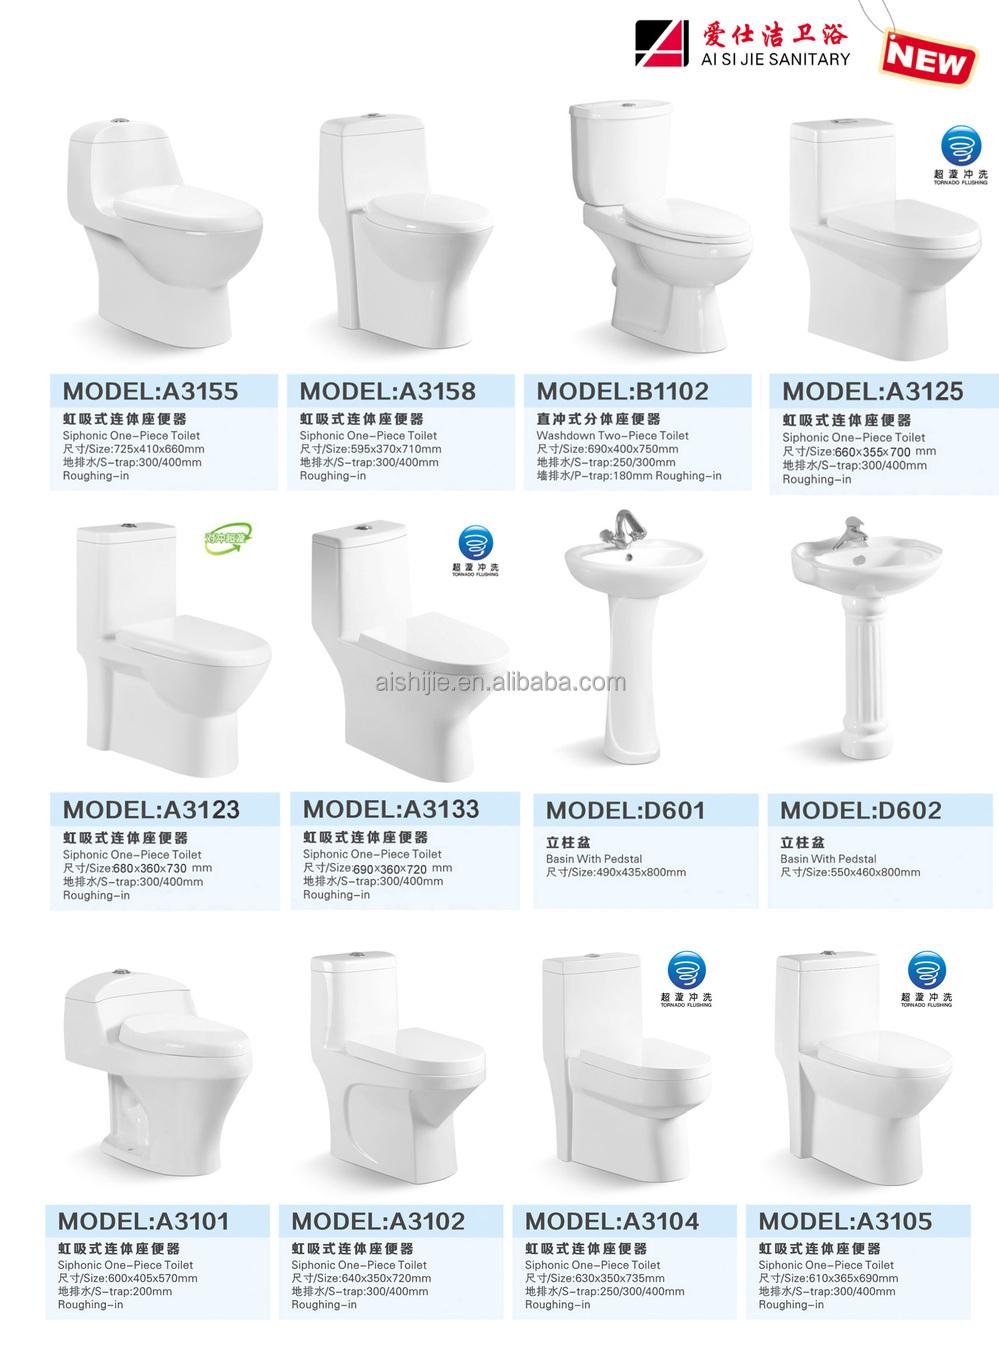 Prayag Bathroom Fittings Price List 28 Images Bathroom Accessories Jaquar Bathroom Fittings